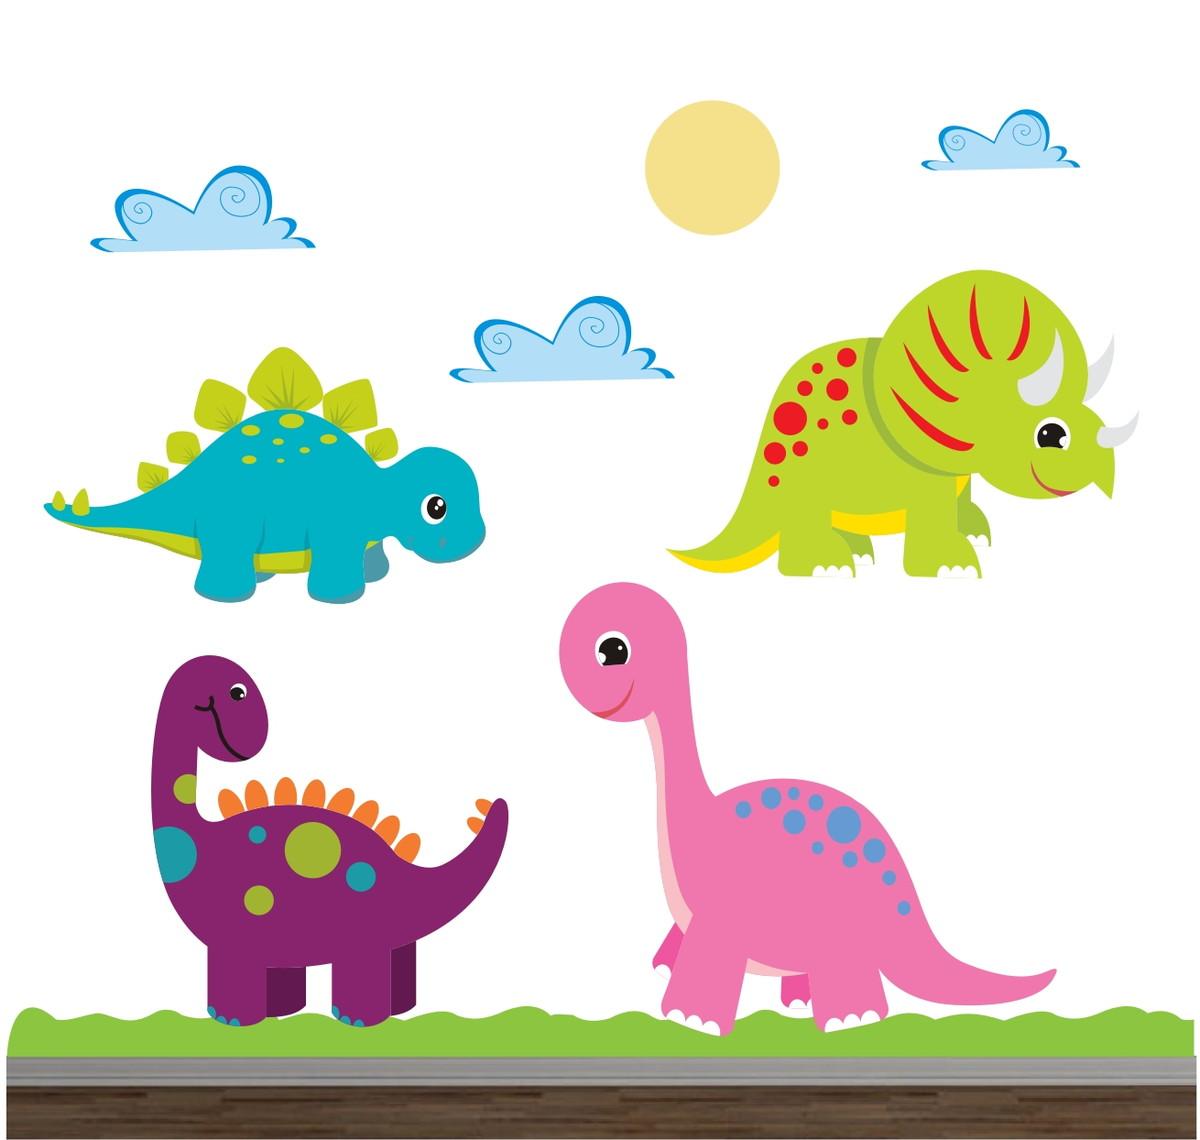 Adesivo Dinossauro Infantil Animais 06 No Elo7